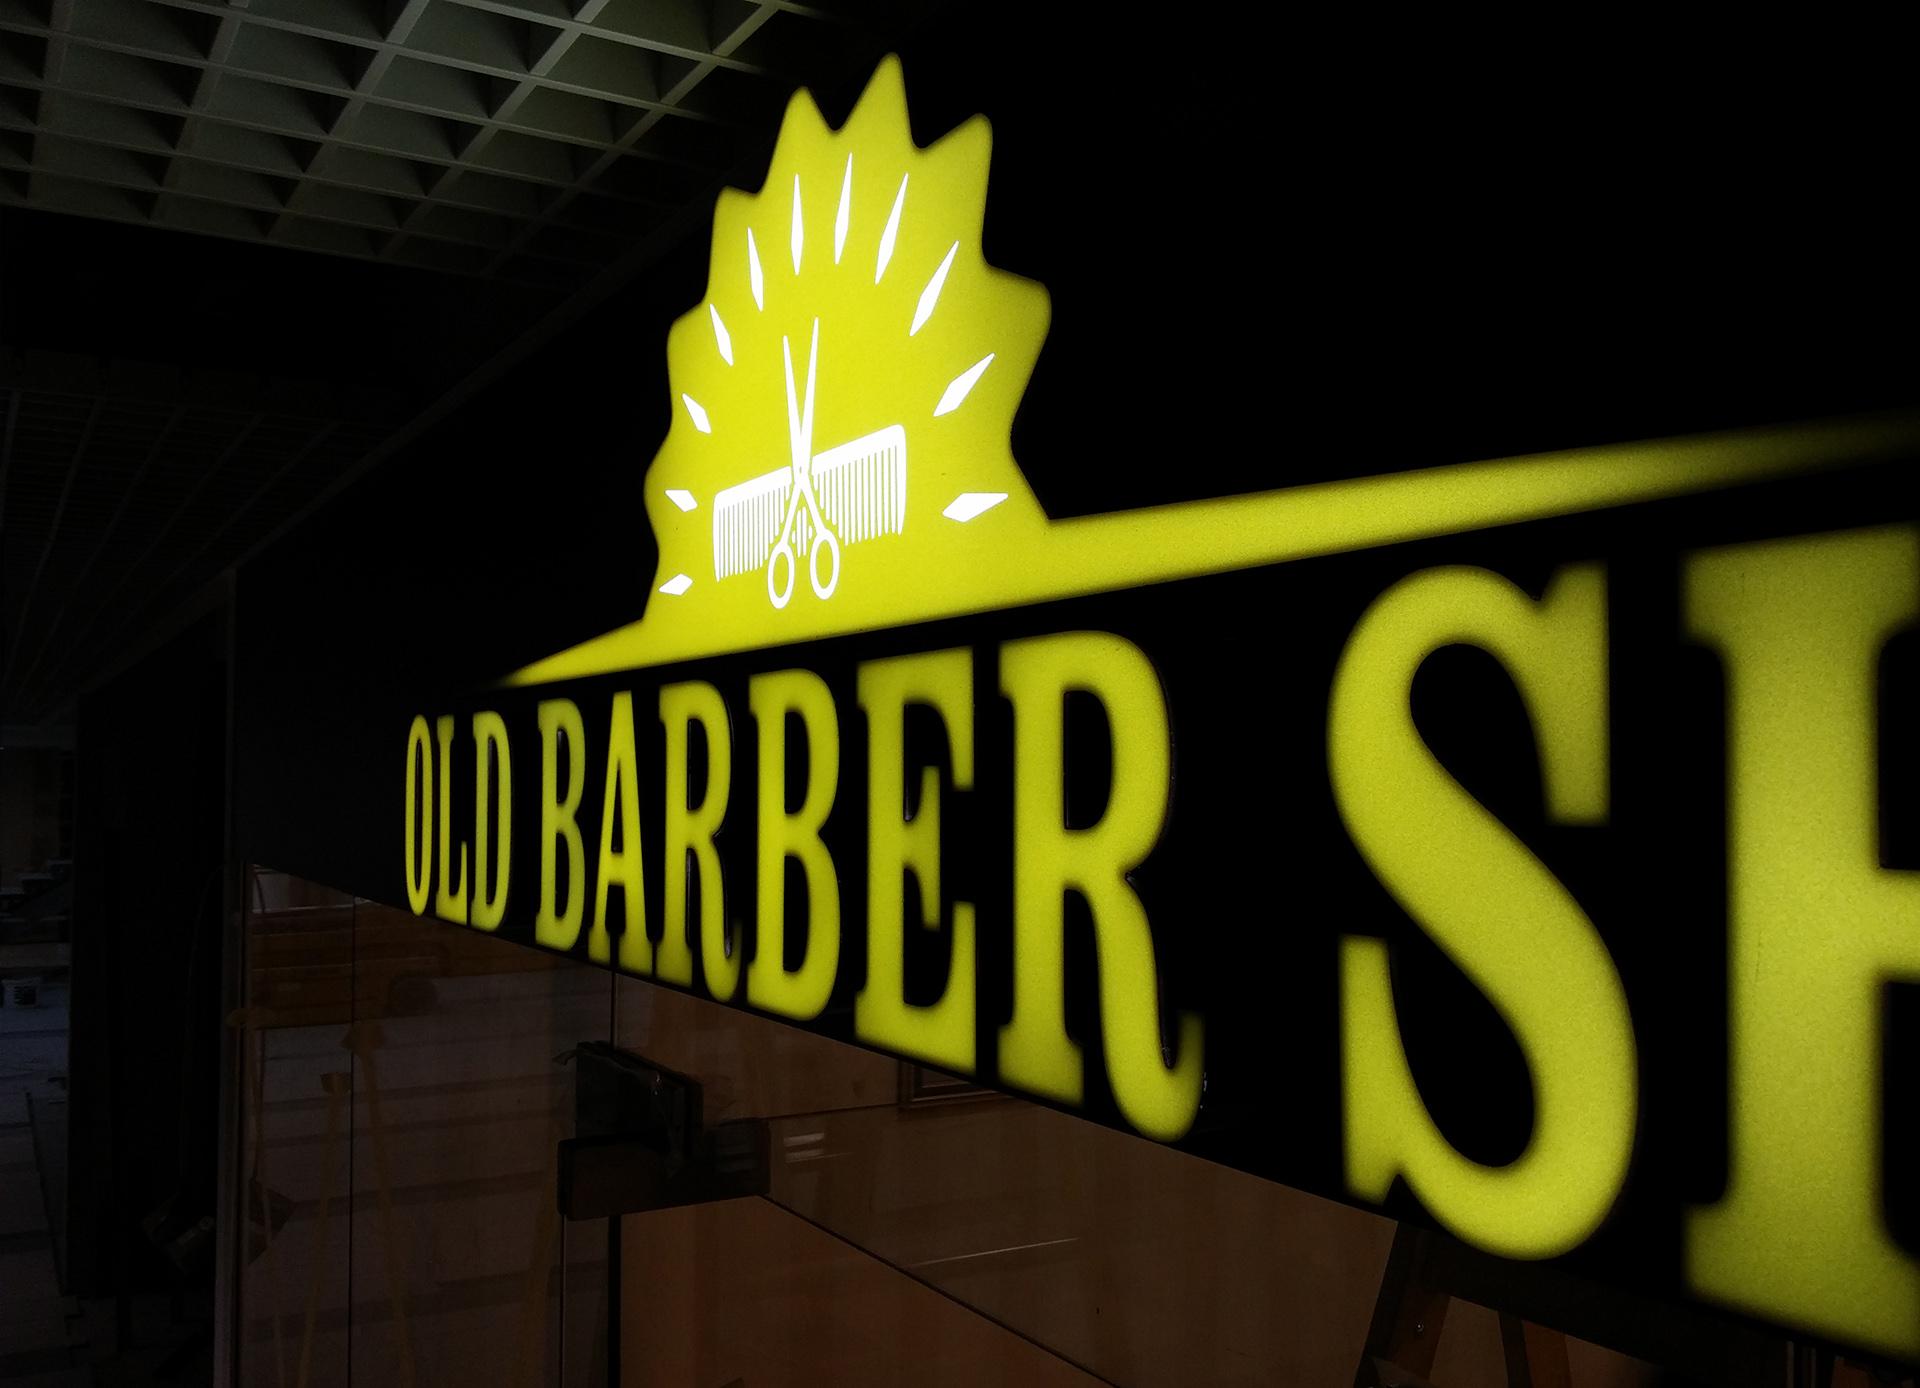 litere-volumetrice-old-barber-shop